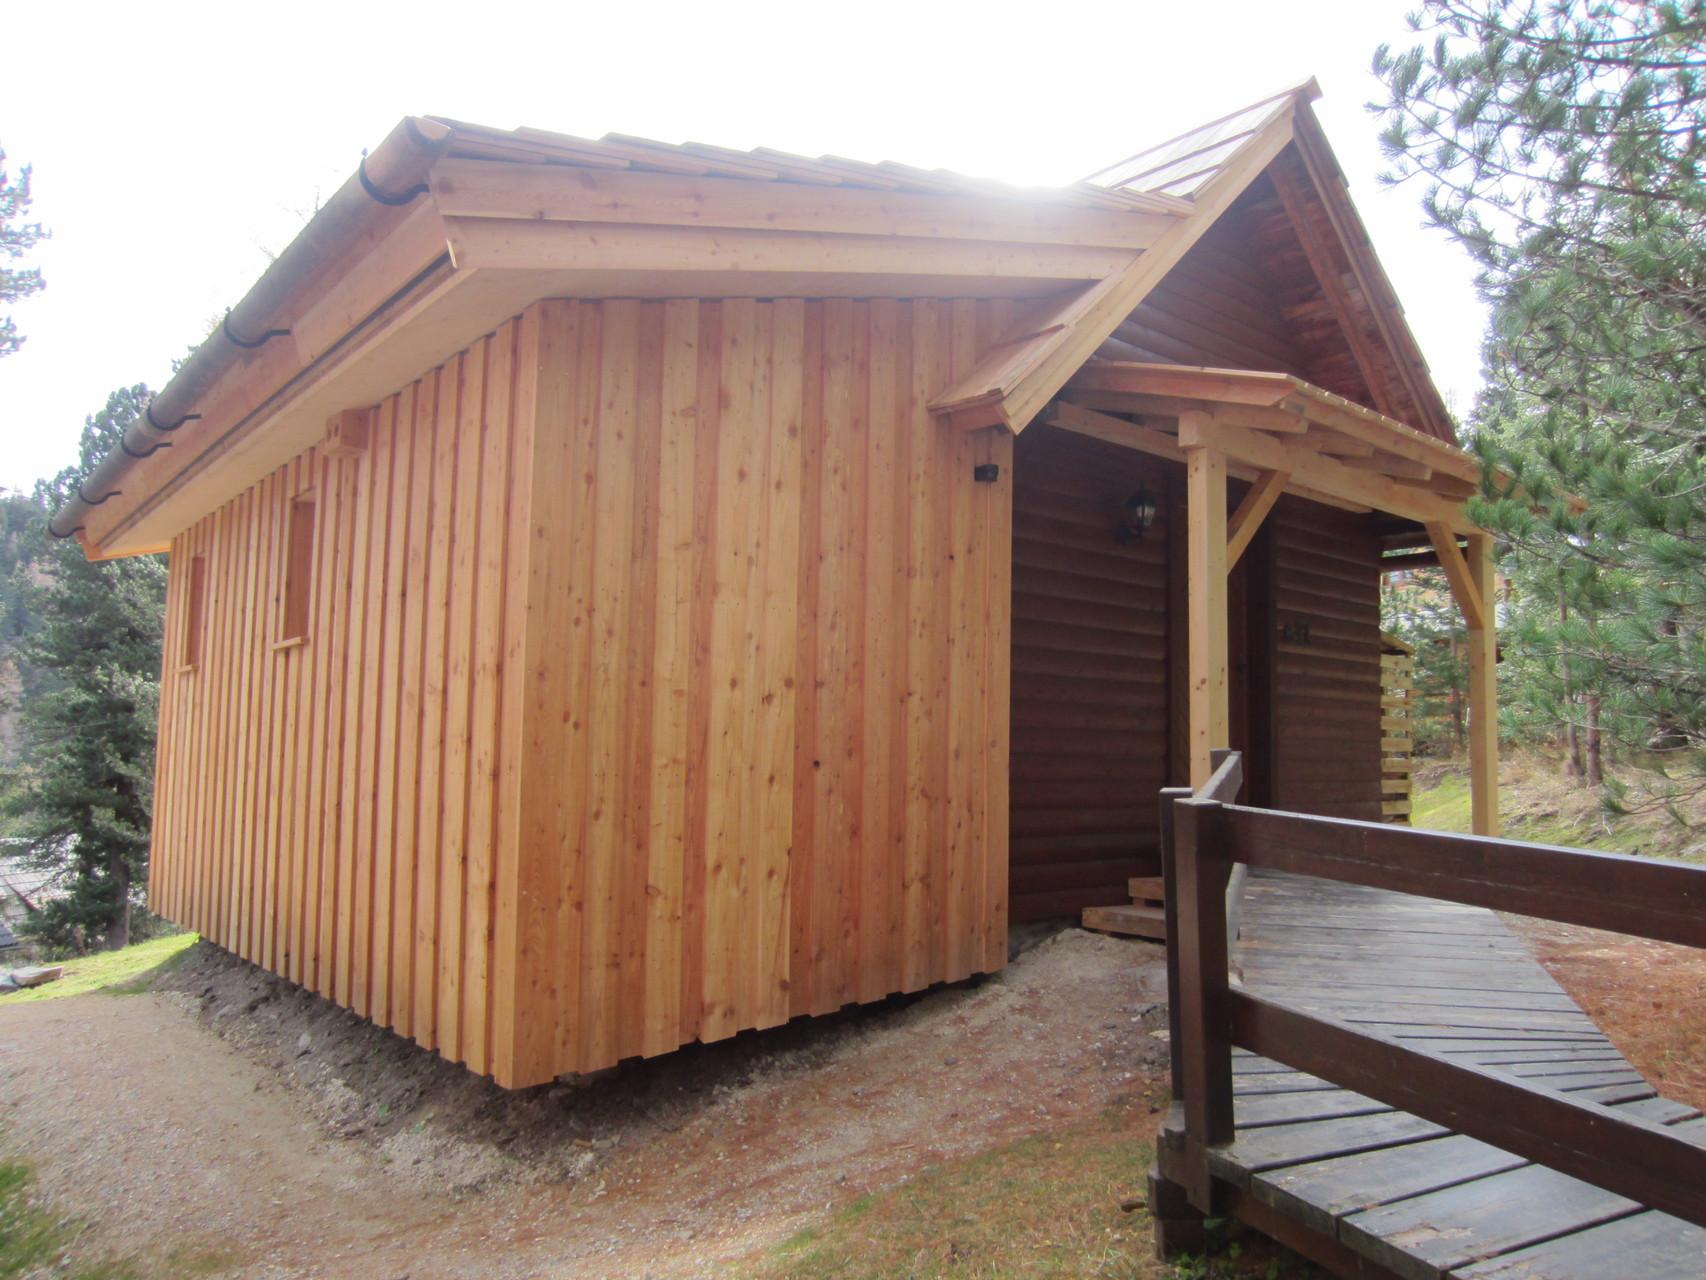 Zirbenwald-Chalet Turracher Höhe - Eingangsbereich mit Vordach